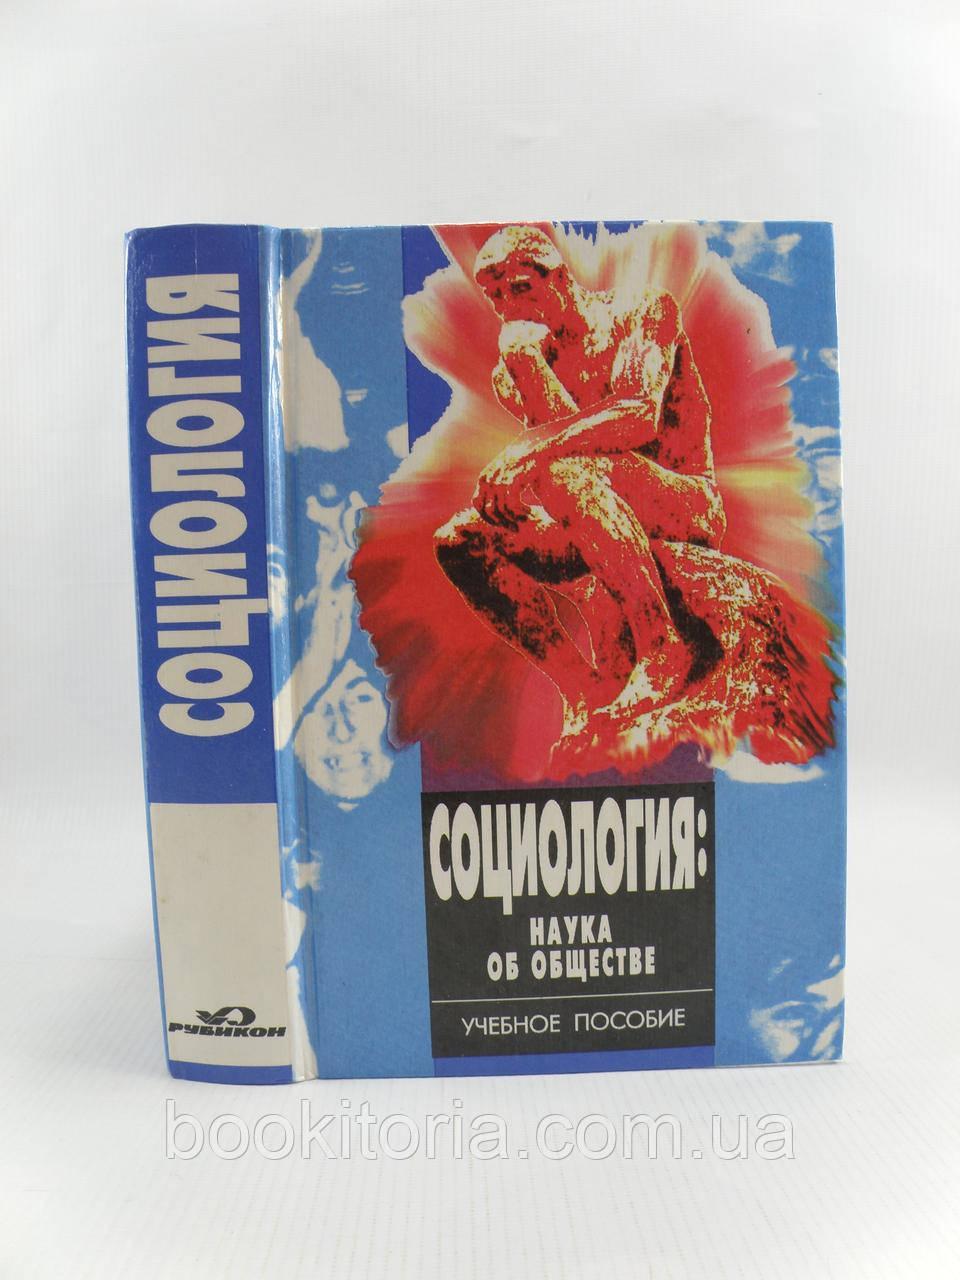 Андрущенко В., Горлач Н. Социология (б/у).